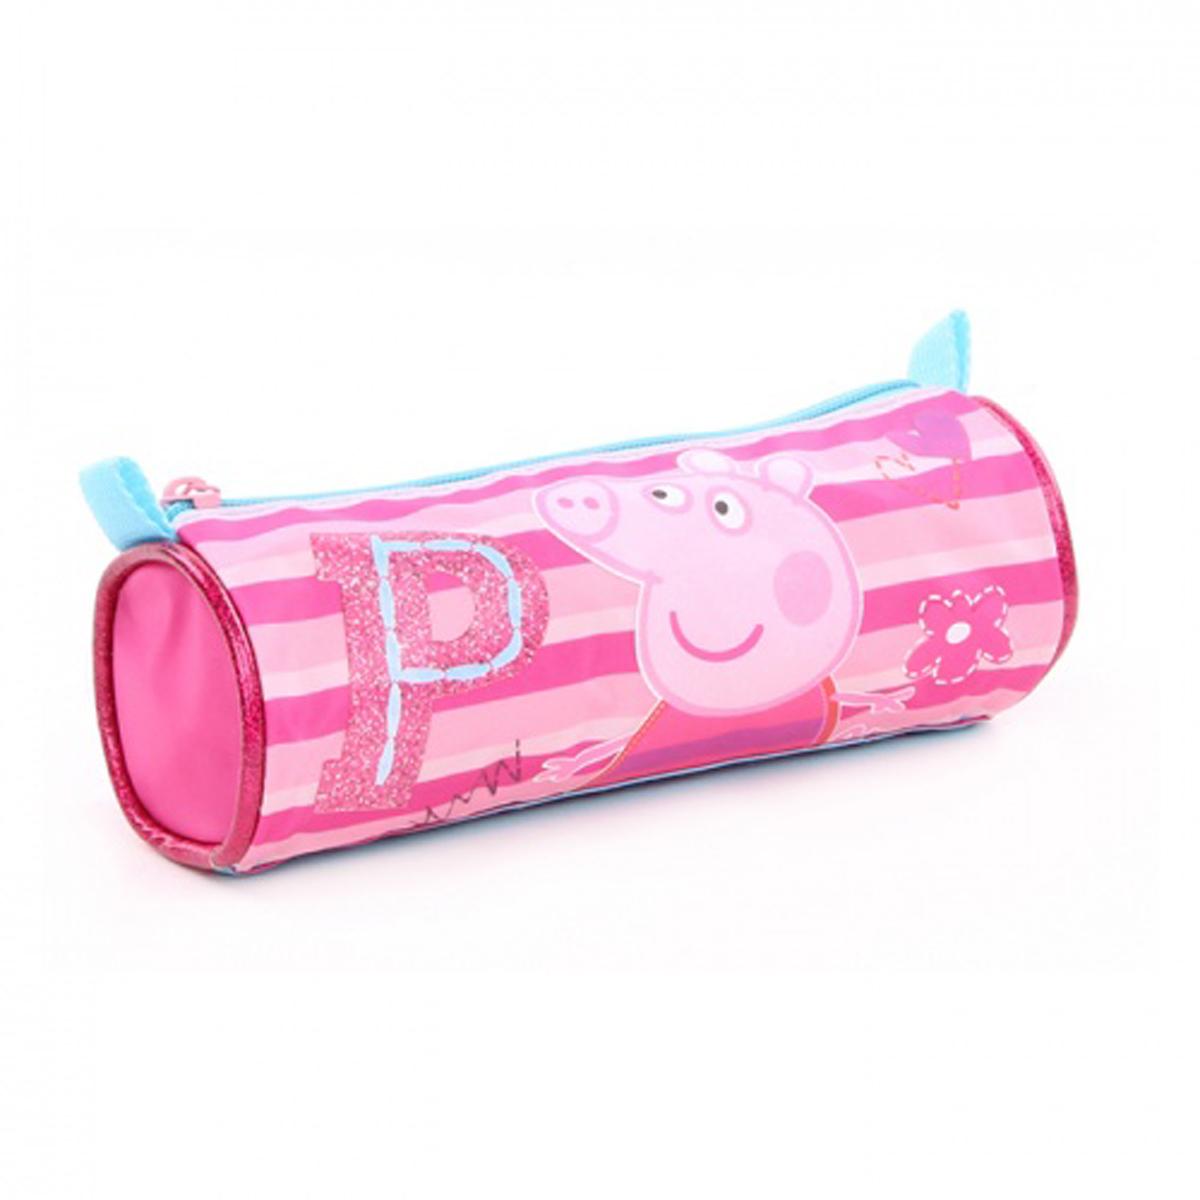 Trousse tube \'Peppa Pig\' rose - 20x7 cm - [Q3469]